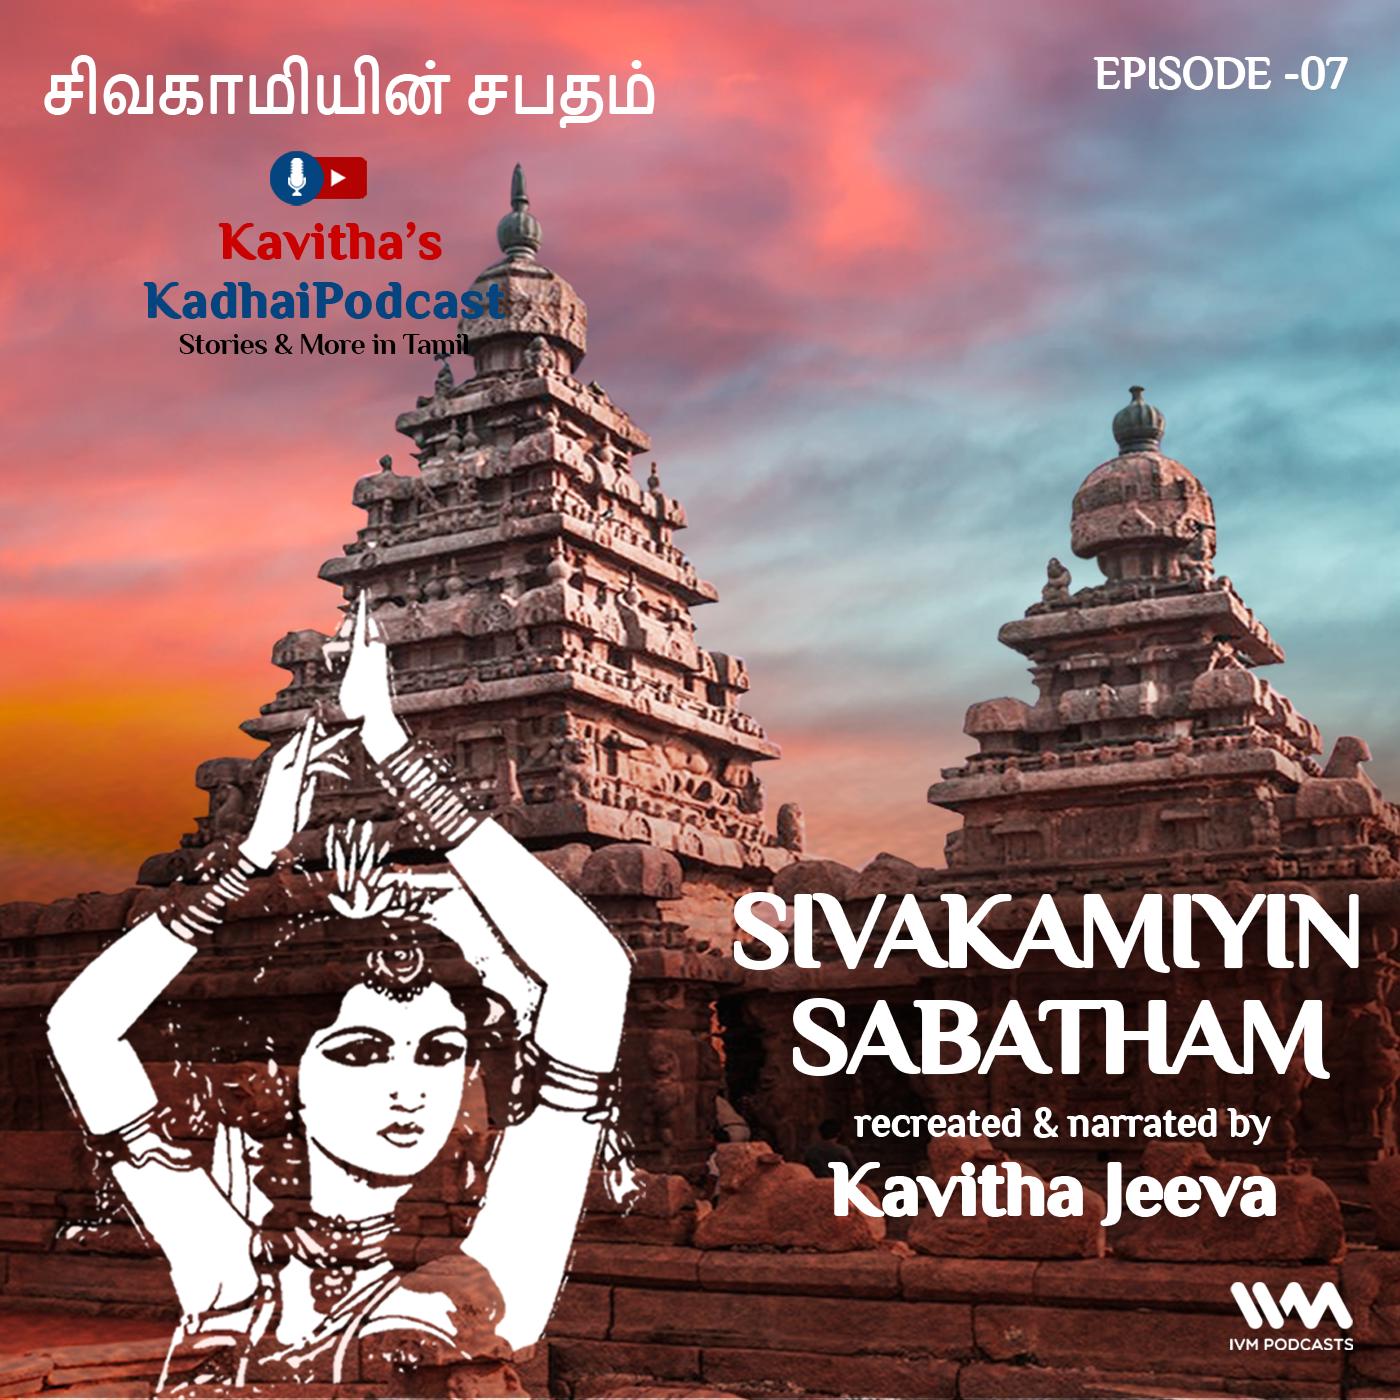 Sivakamiyin Sabatham Exclusive # 7